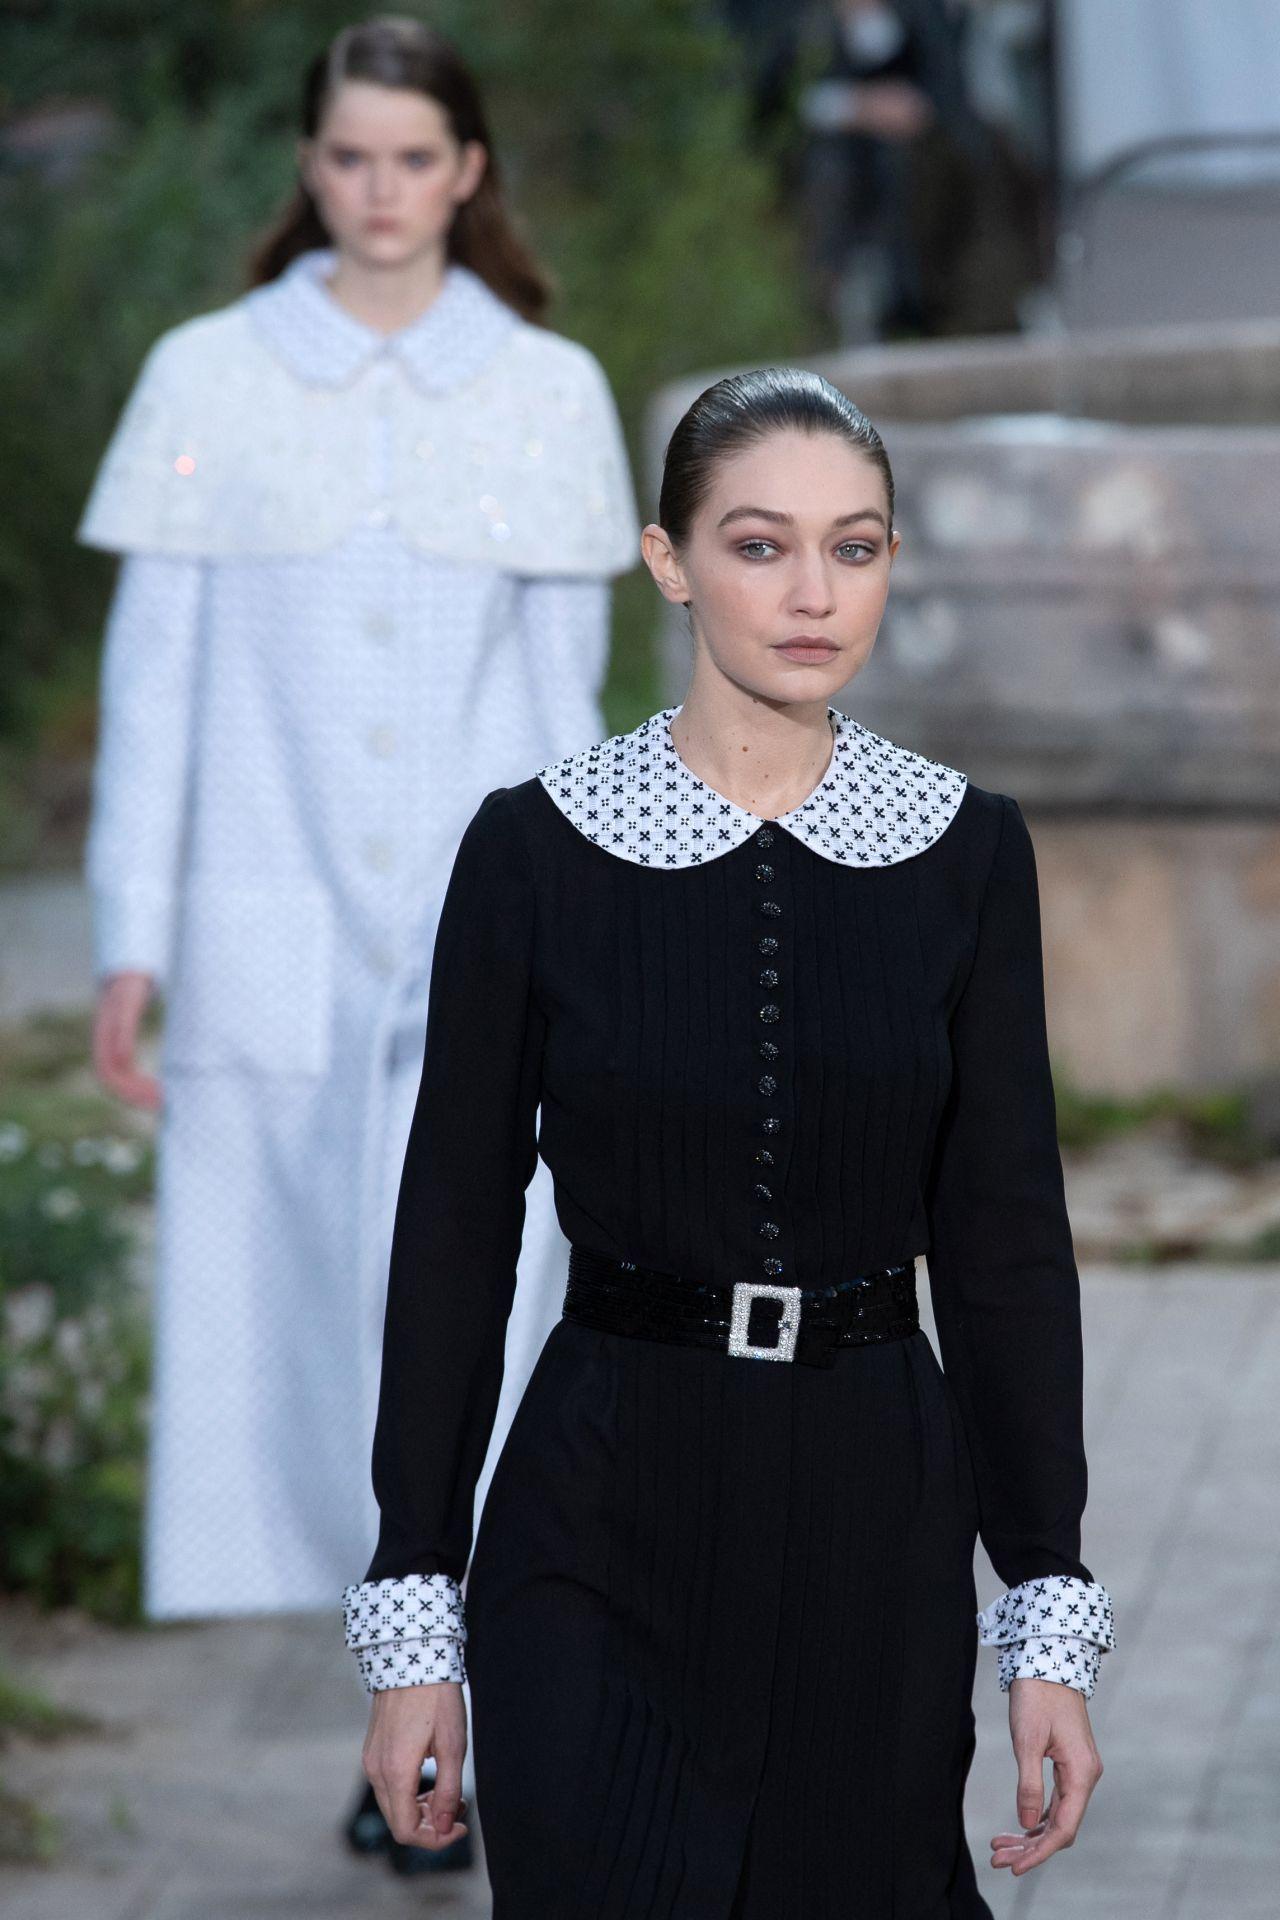 吉吉·哈迪德(Gigi Hadid)-巴黎香奈儿(Chanel)高级定制时装秀2020